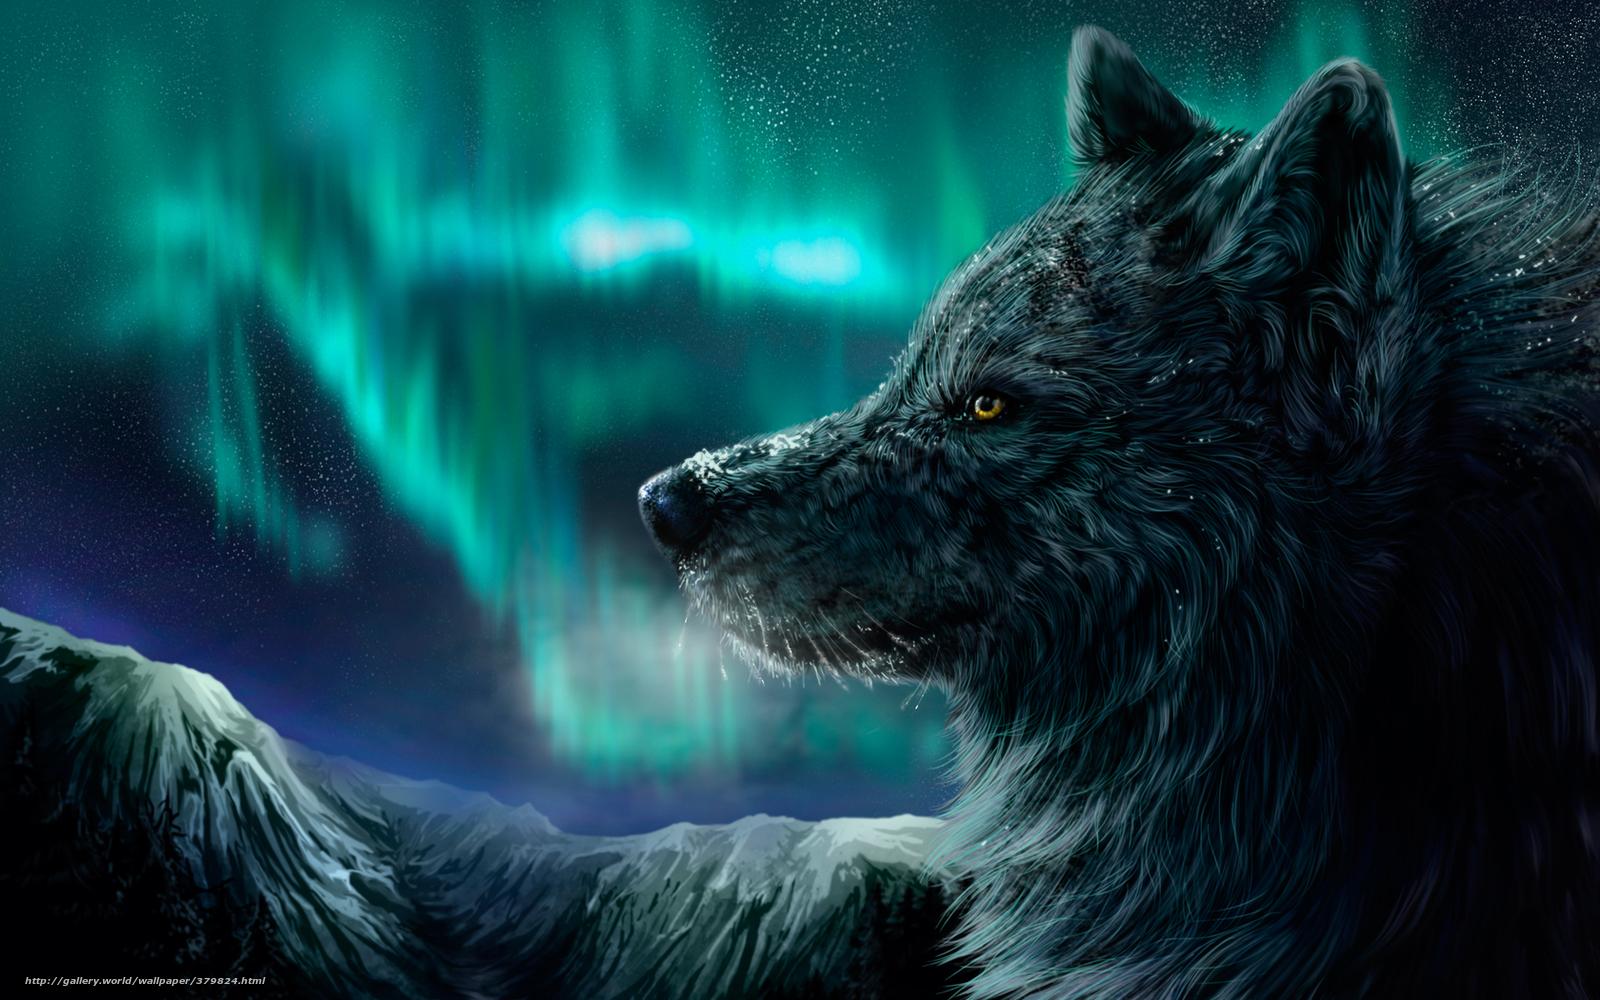 Scaricare gli sfondi lupo aurora boreale notte montagne for Sfondi desktop aurora boreale